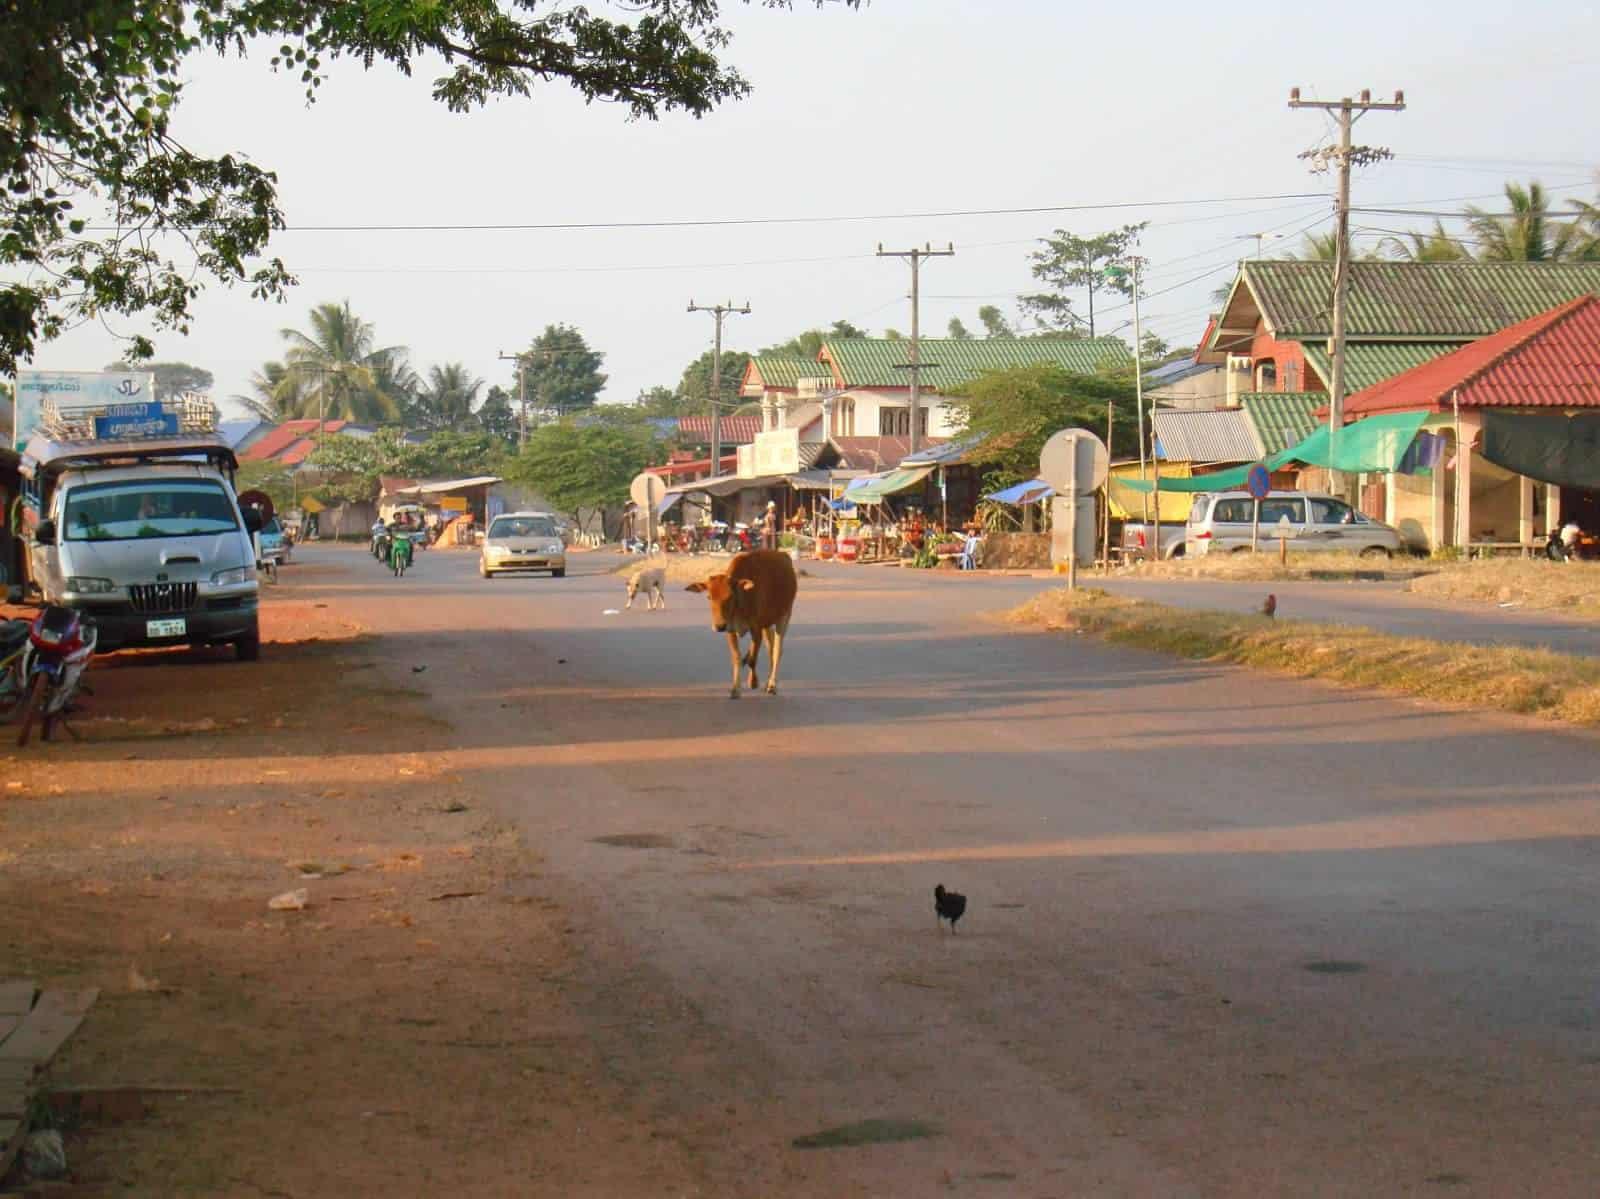 Thakhek, Laos